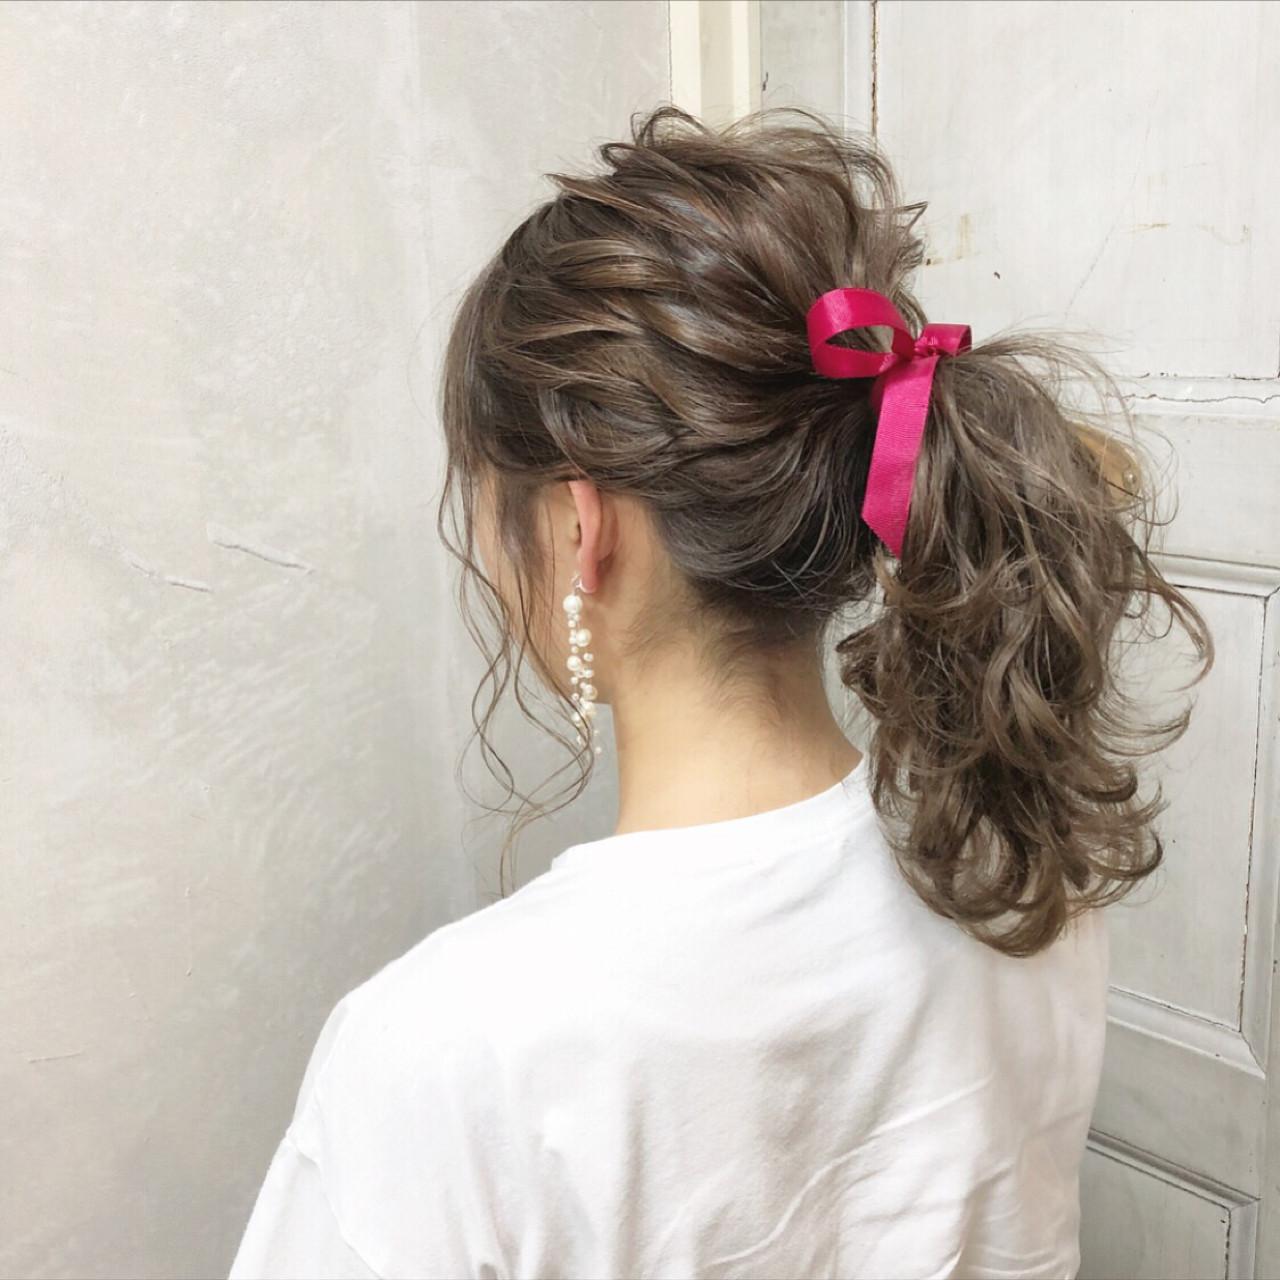 簡単ヘアアレンジ ガーリー ポニーテール 女子力 ヘアスタイルや髪型の写真・画像